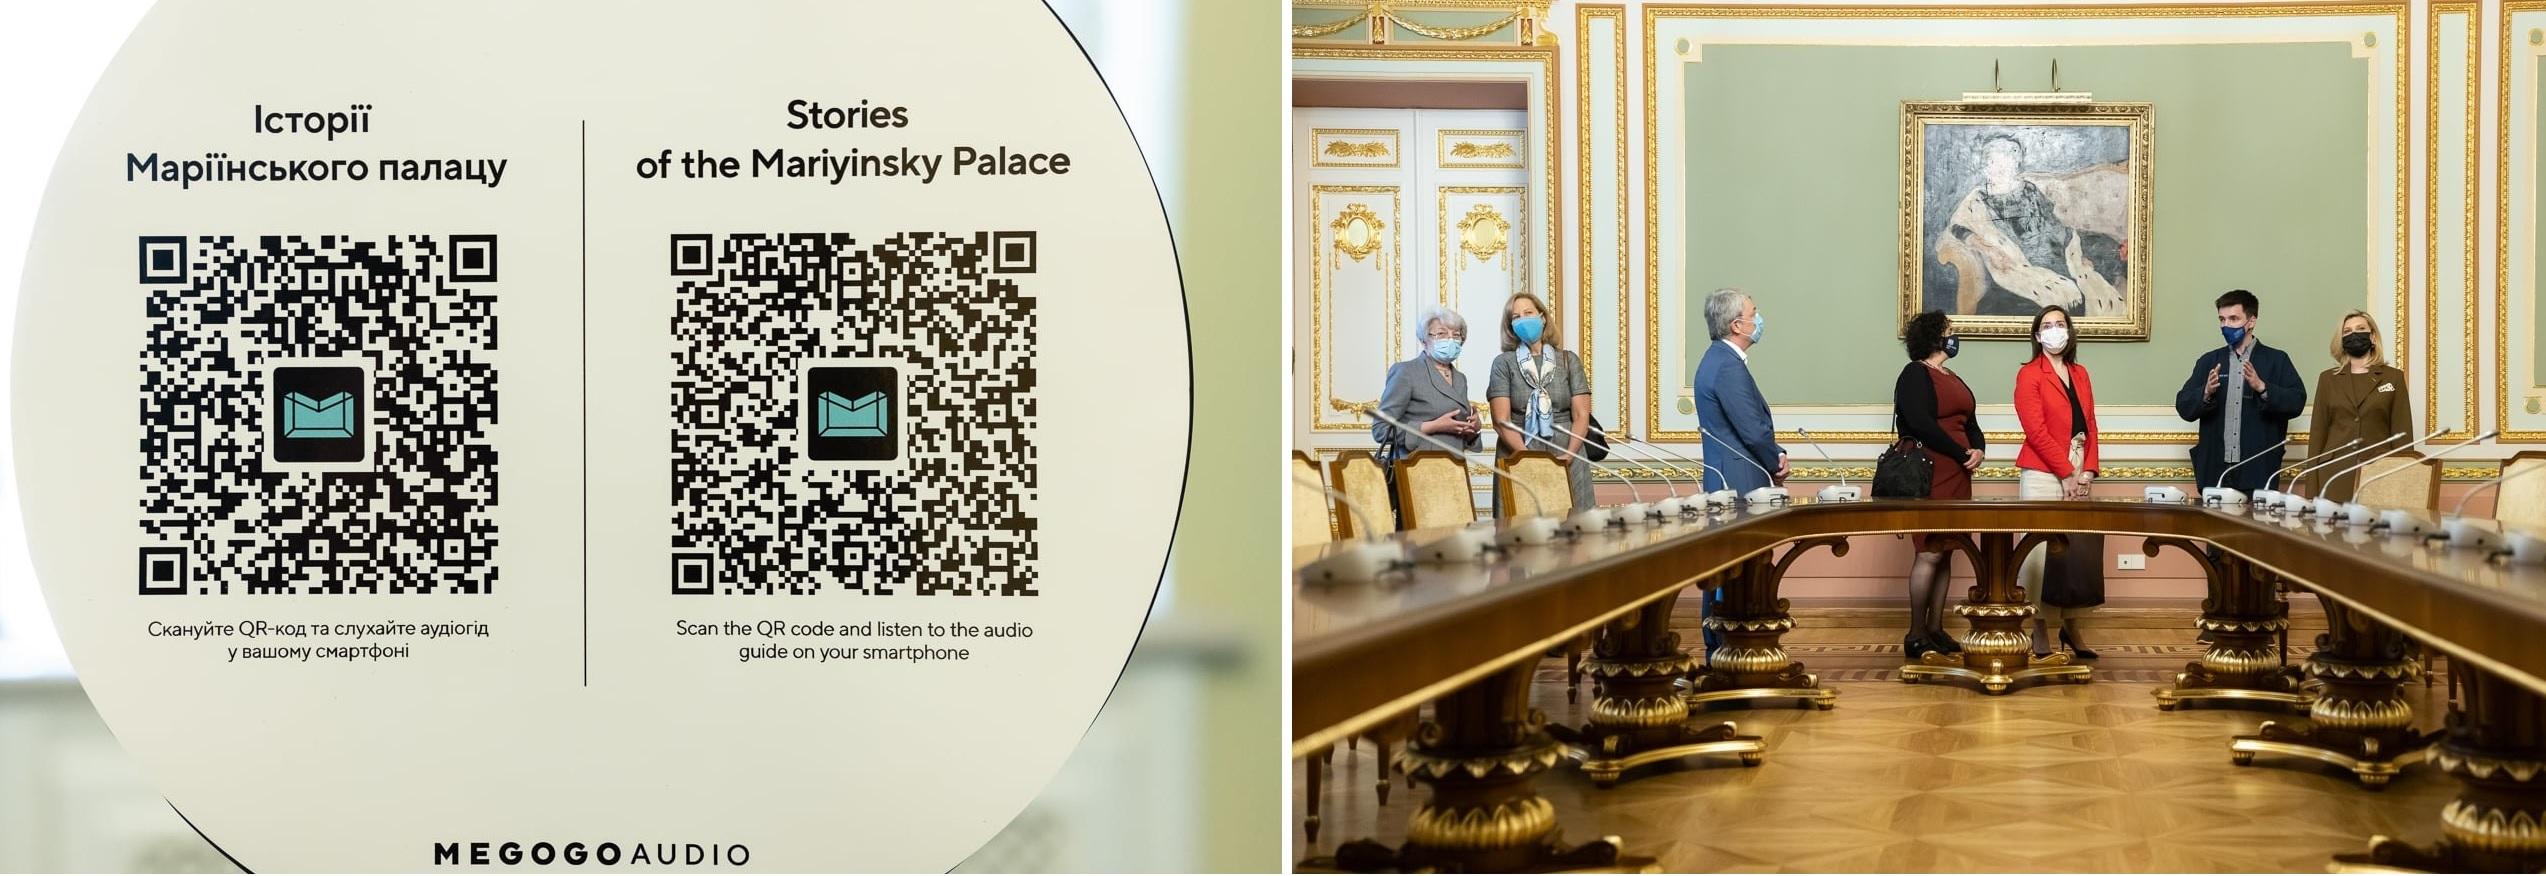 У Маріїнському палаці запрацювали двомовні аудіогіди 2